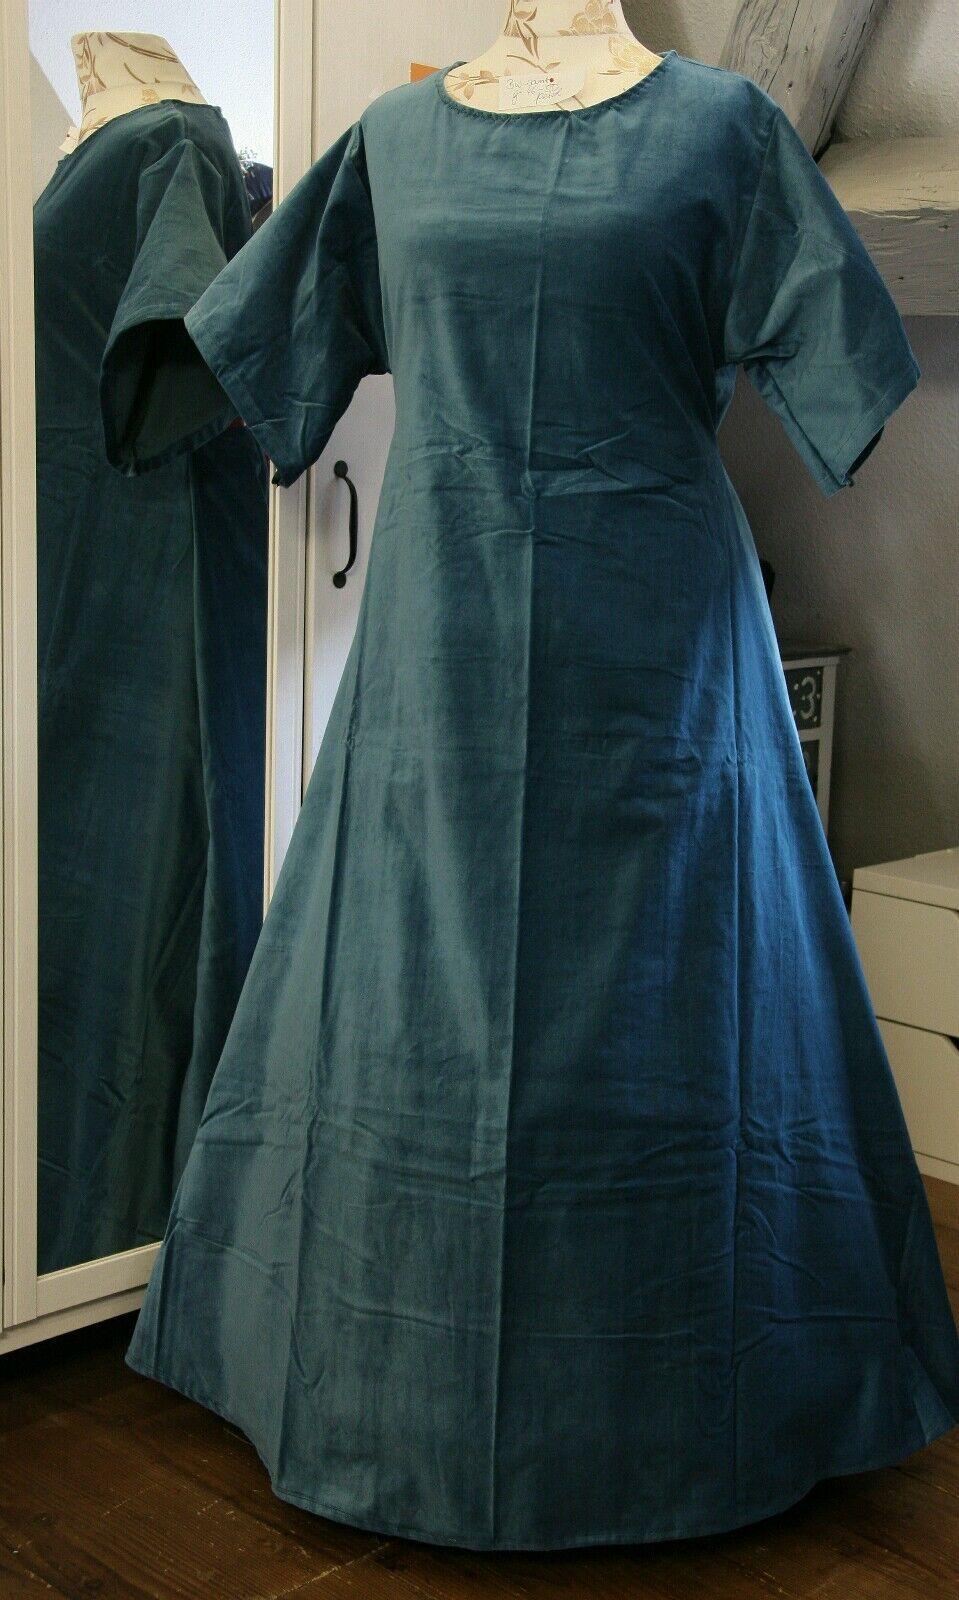 Untergewand Untergewand Untergewand Mittelalter Kleid Gewand LARP blau petrol  Gr.46  48   50 Baumwolle  | Hochwertige Materialien  | Vorzugspreis  | Ausgewählte Materialien  | Auf Verkauf  | Erste Kunden Eine Vollständige Palette Von Spezifikationen  7ace88